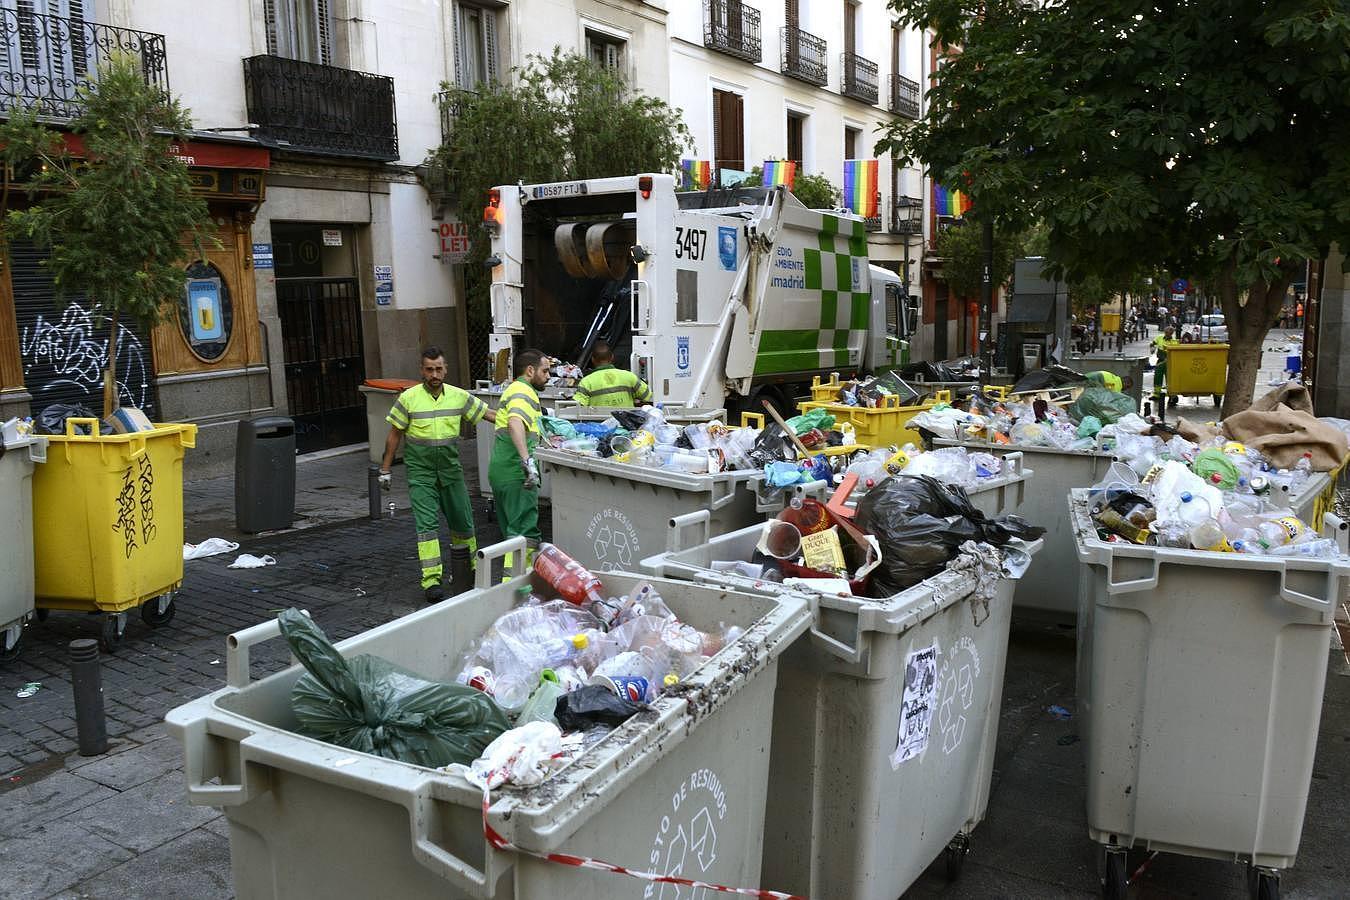 Los restos de basura tras el Orgullo Gay, en imágenes